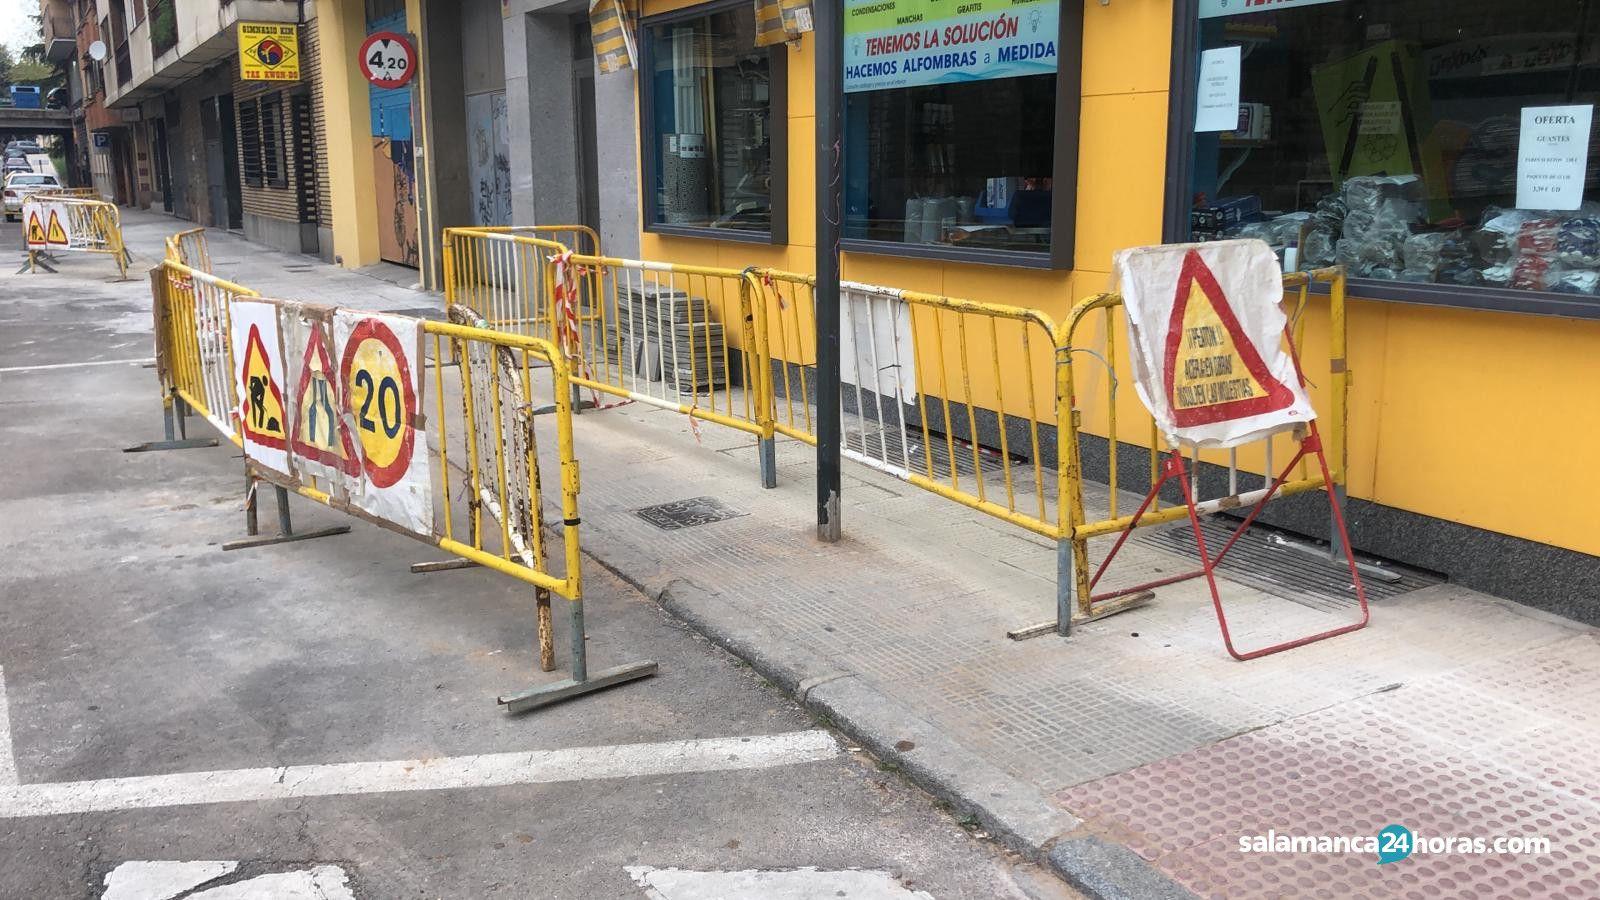 Reventón en avenida de italia (2)